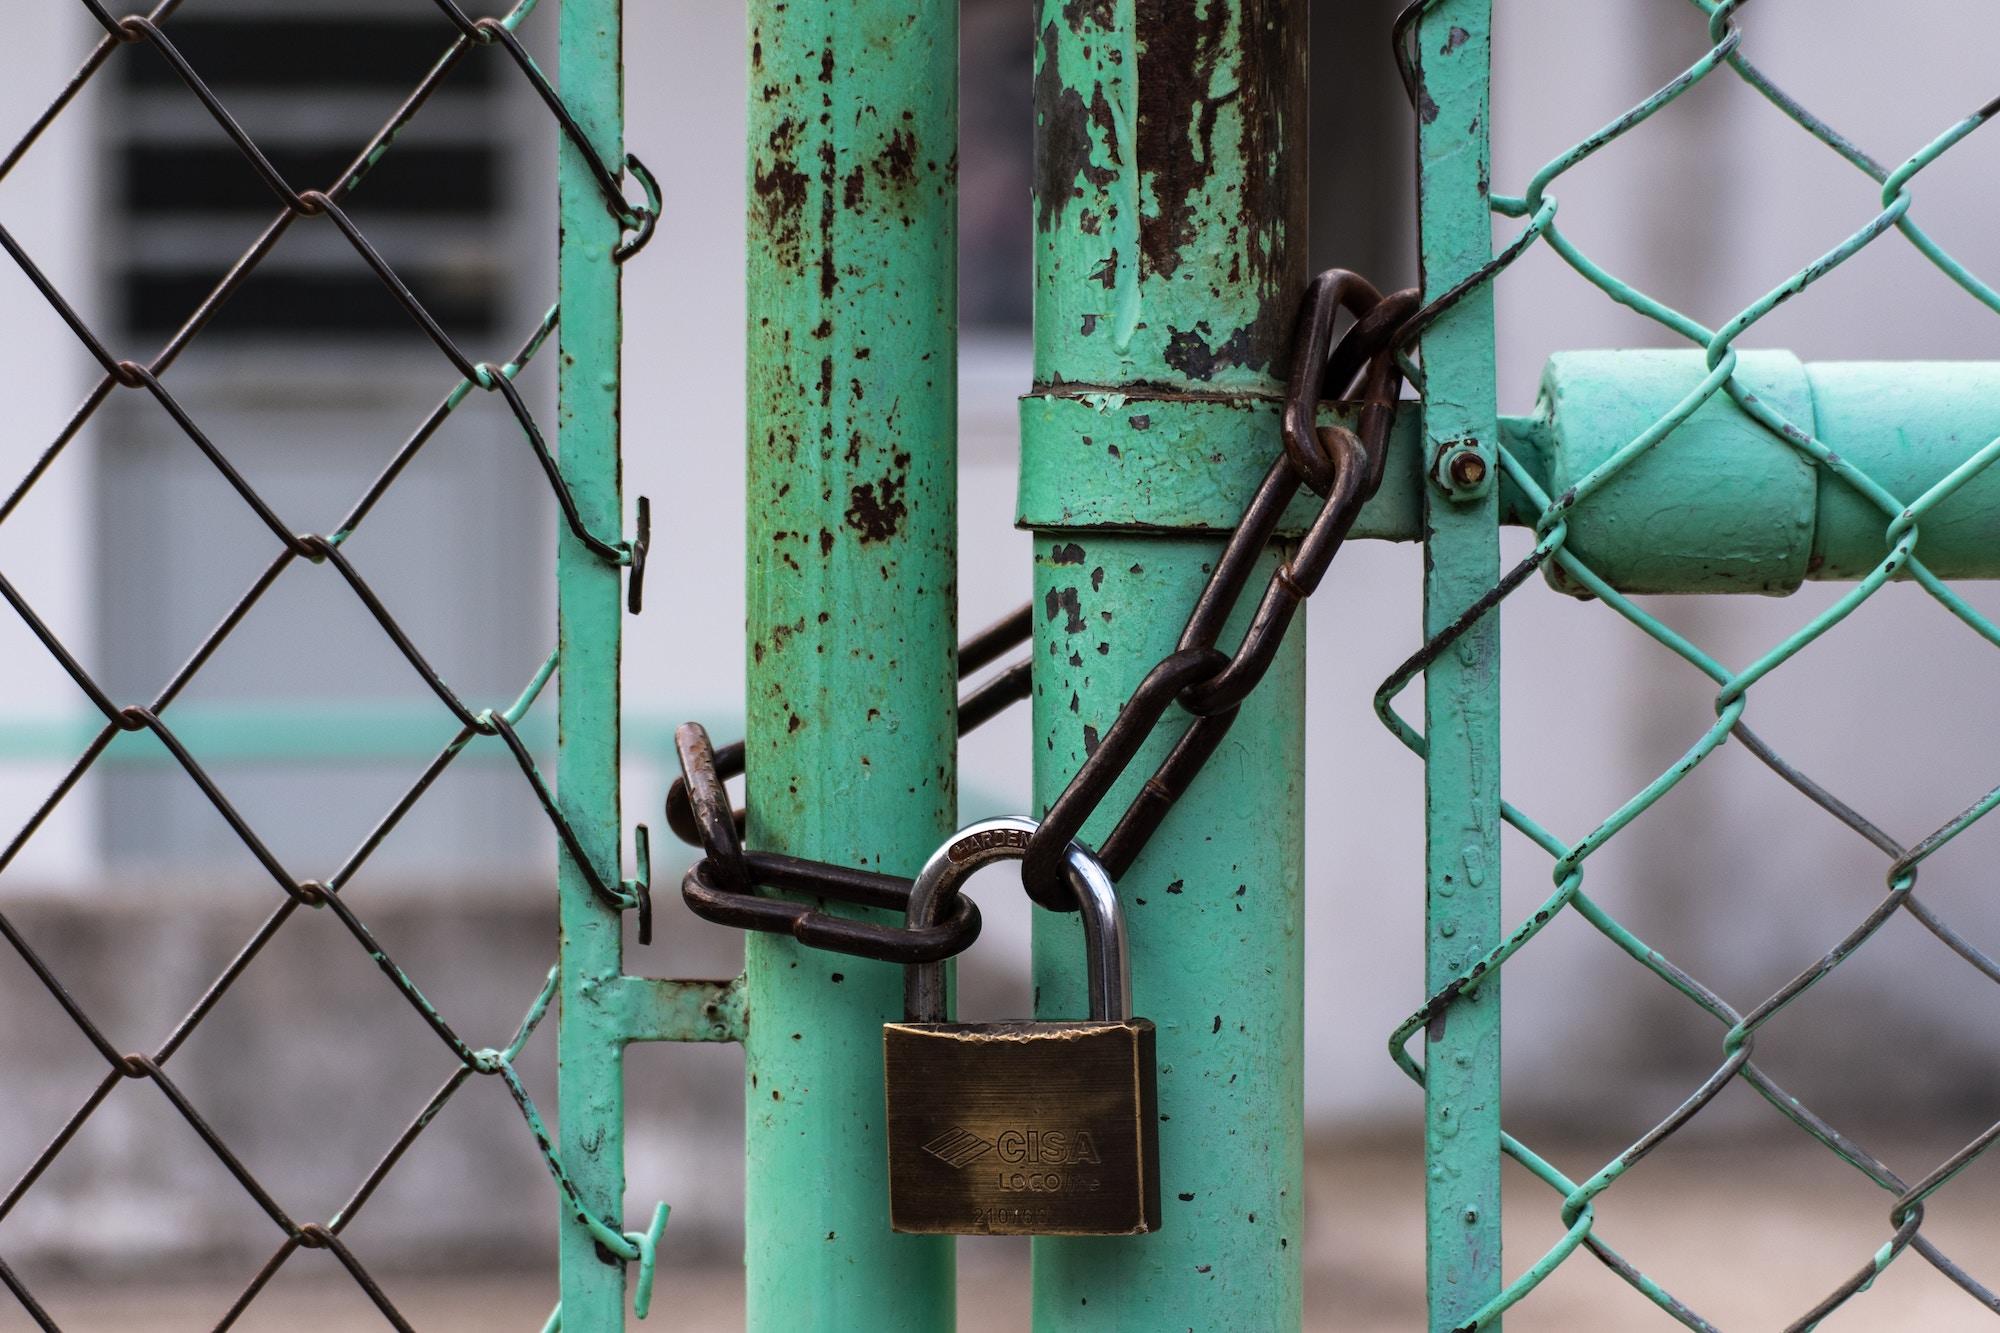 Skal du vælge Sikker Mail eller TLS? Sådan vælger du krypteringsløsning - Comit A/S